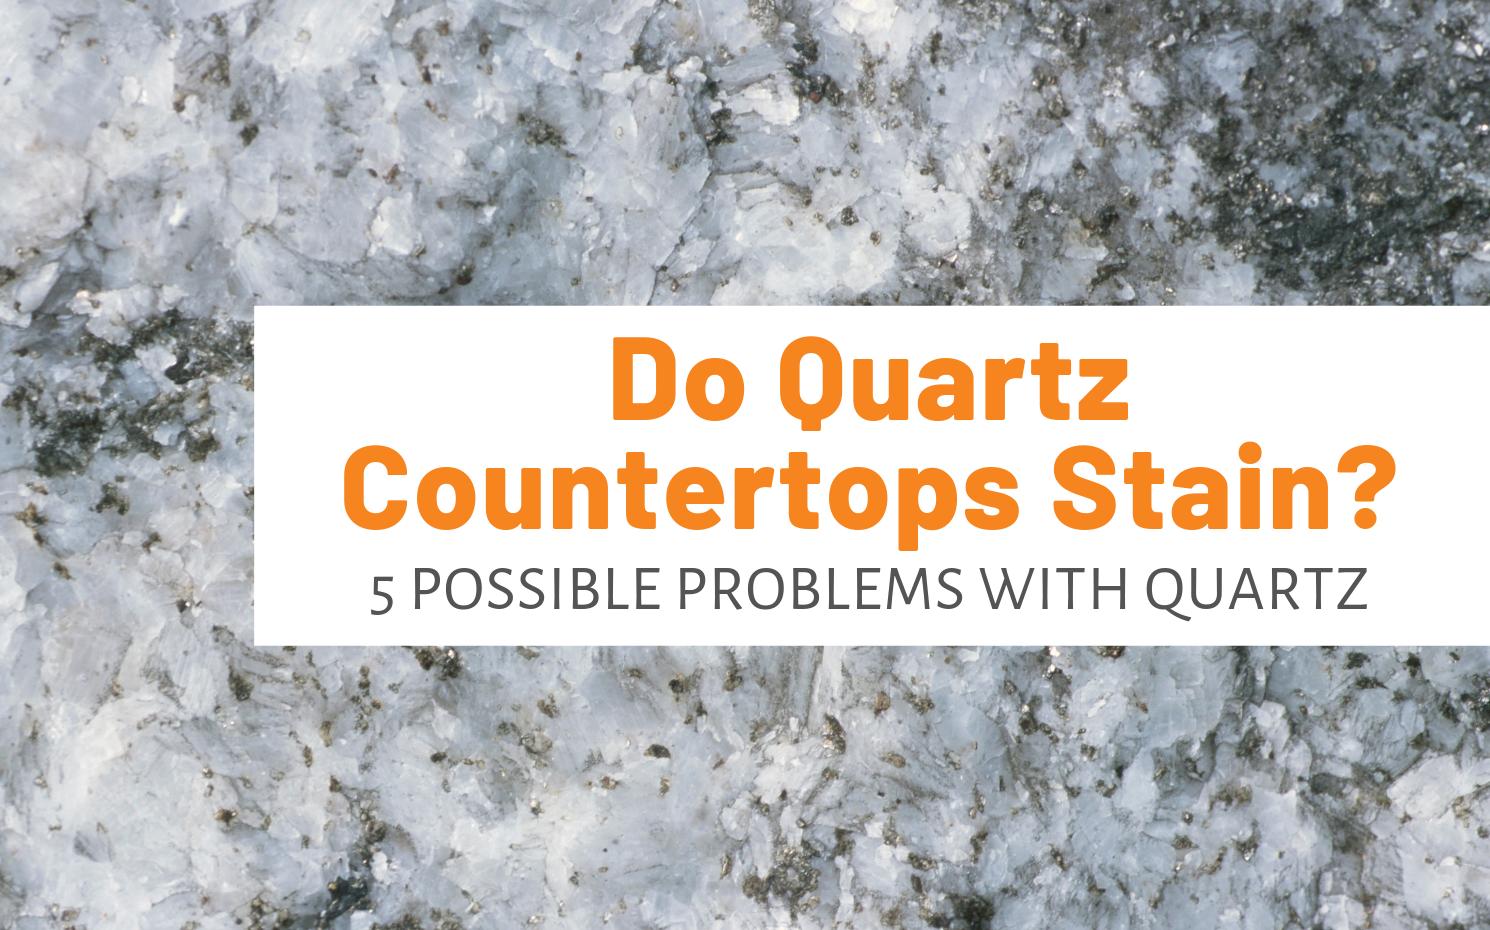 Do Quartz Countertops Stain 5 Possible